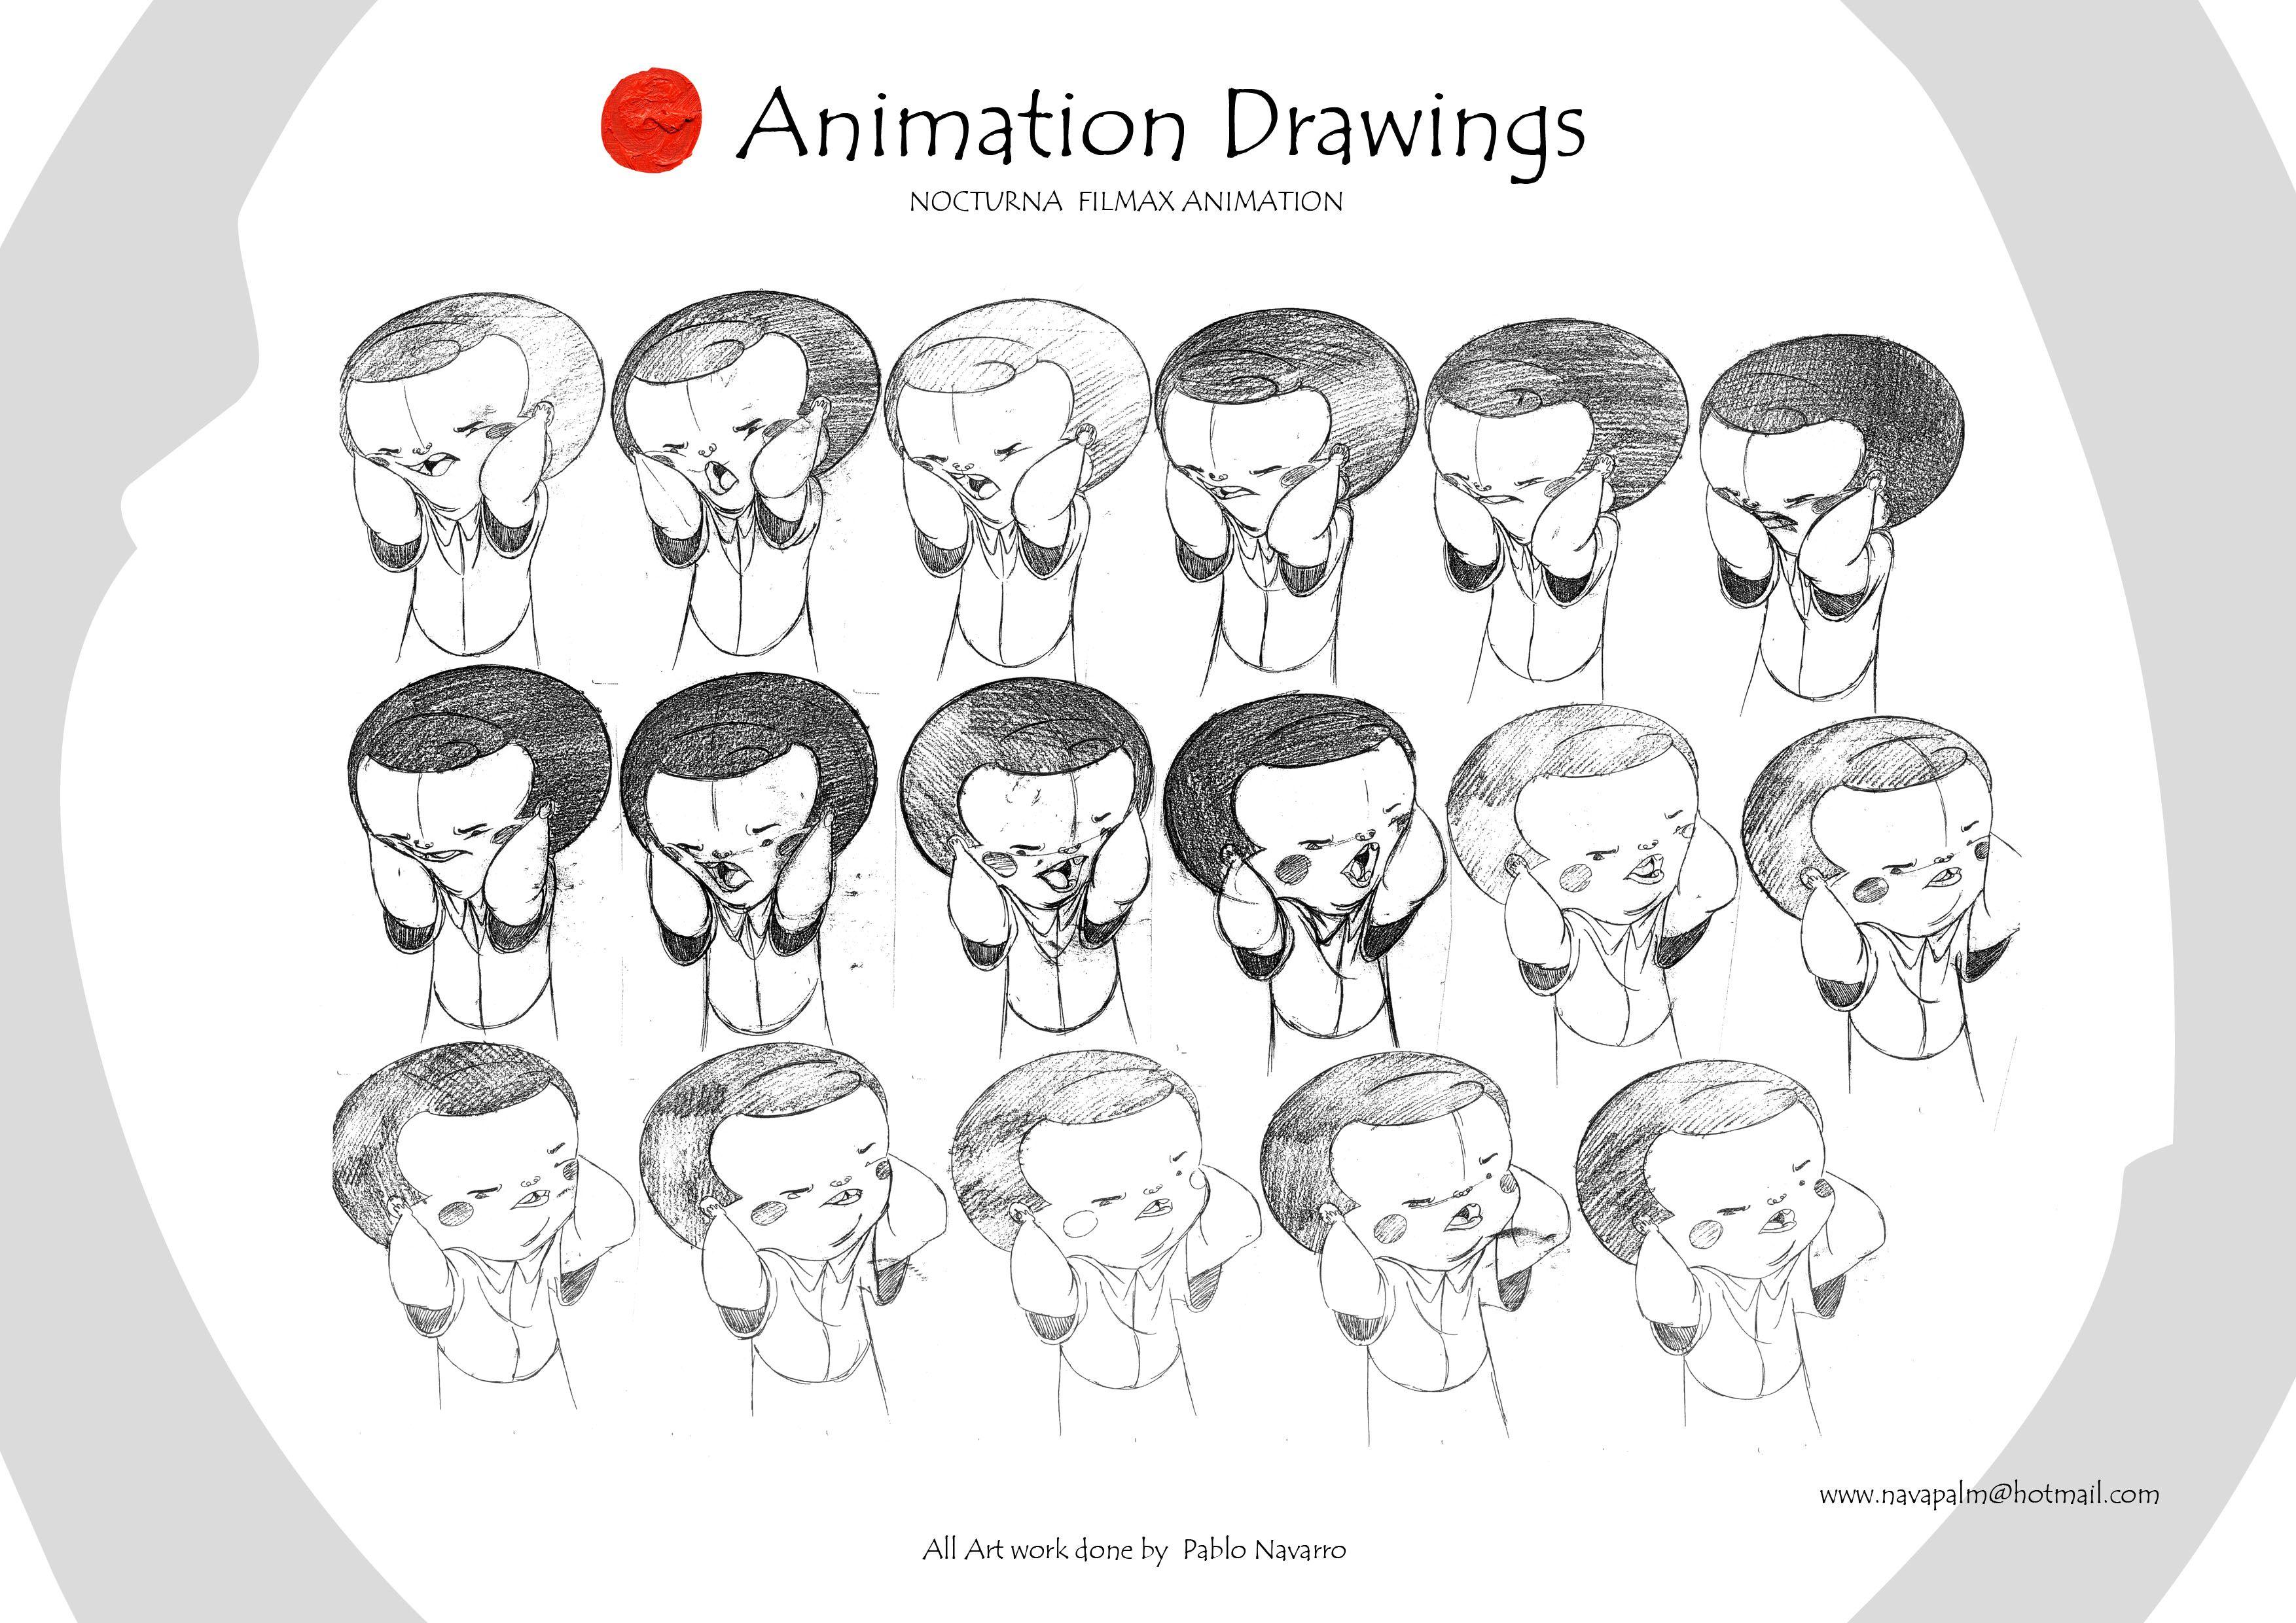 animation_12-copia1.jpg 3,508×2,480 pixels